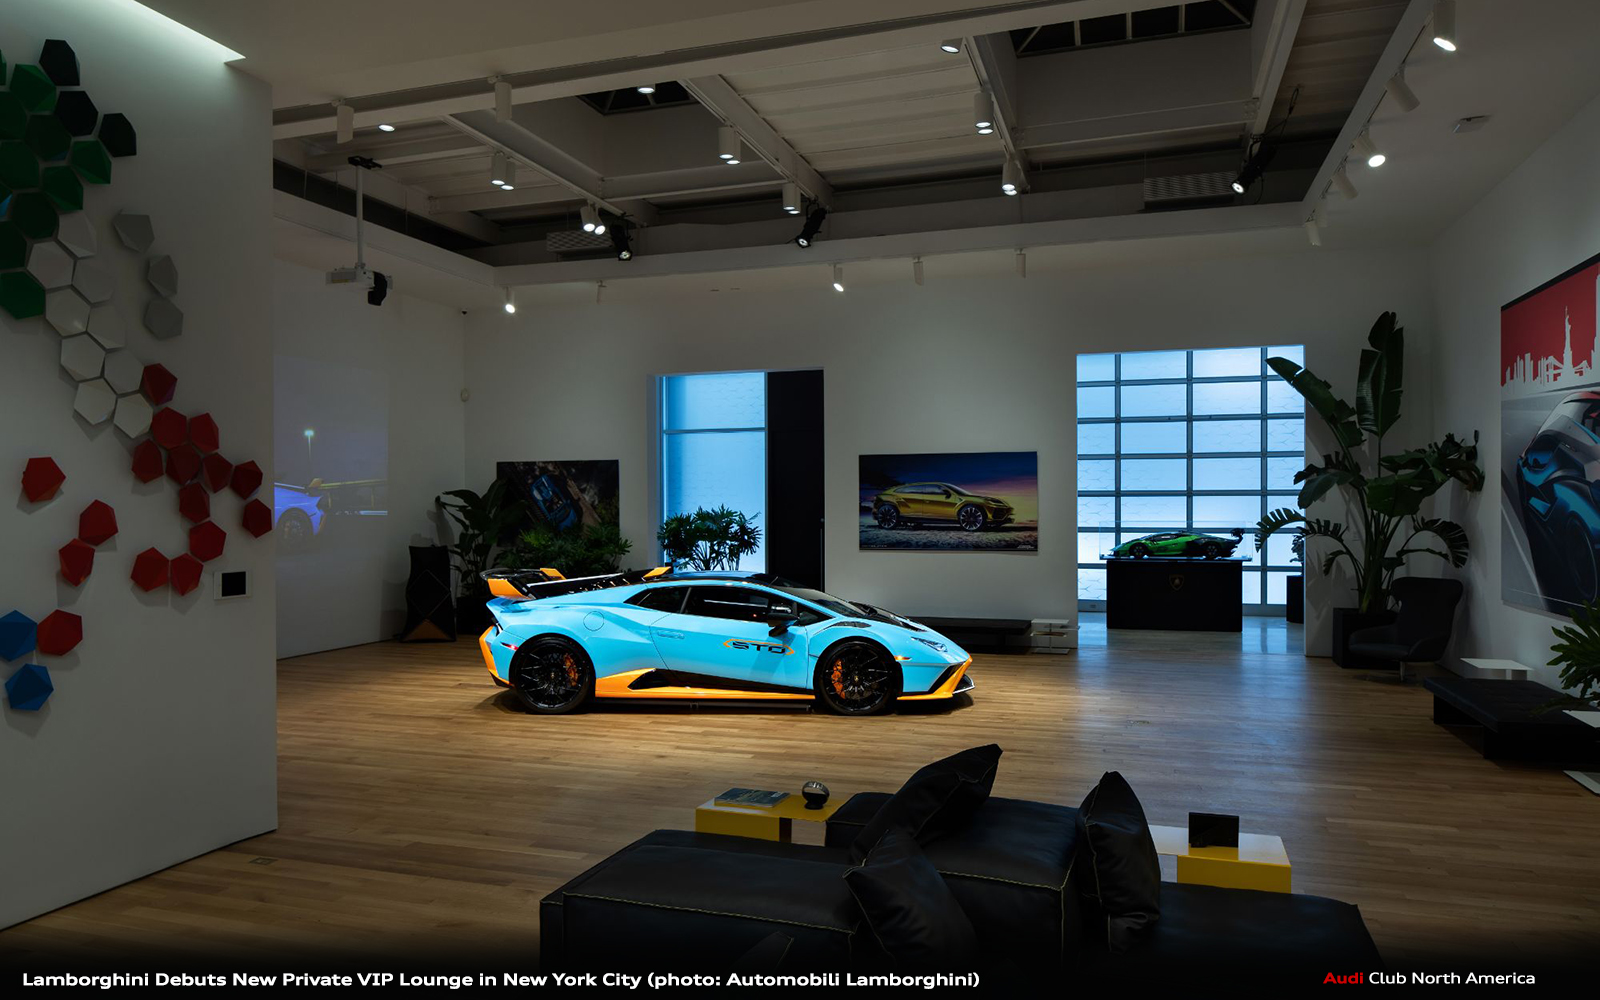 Lamborghini Debuts New Private VIP Lounge in New York City